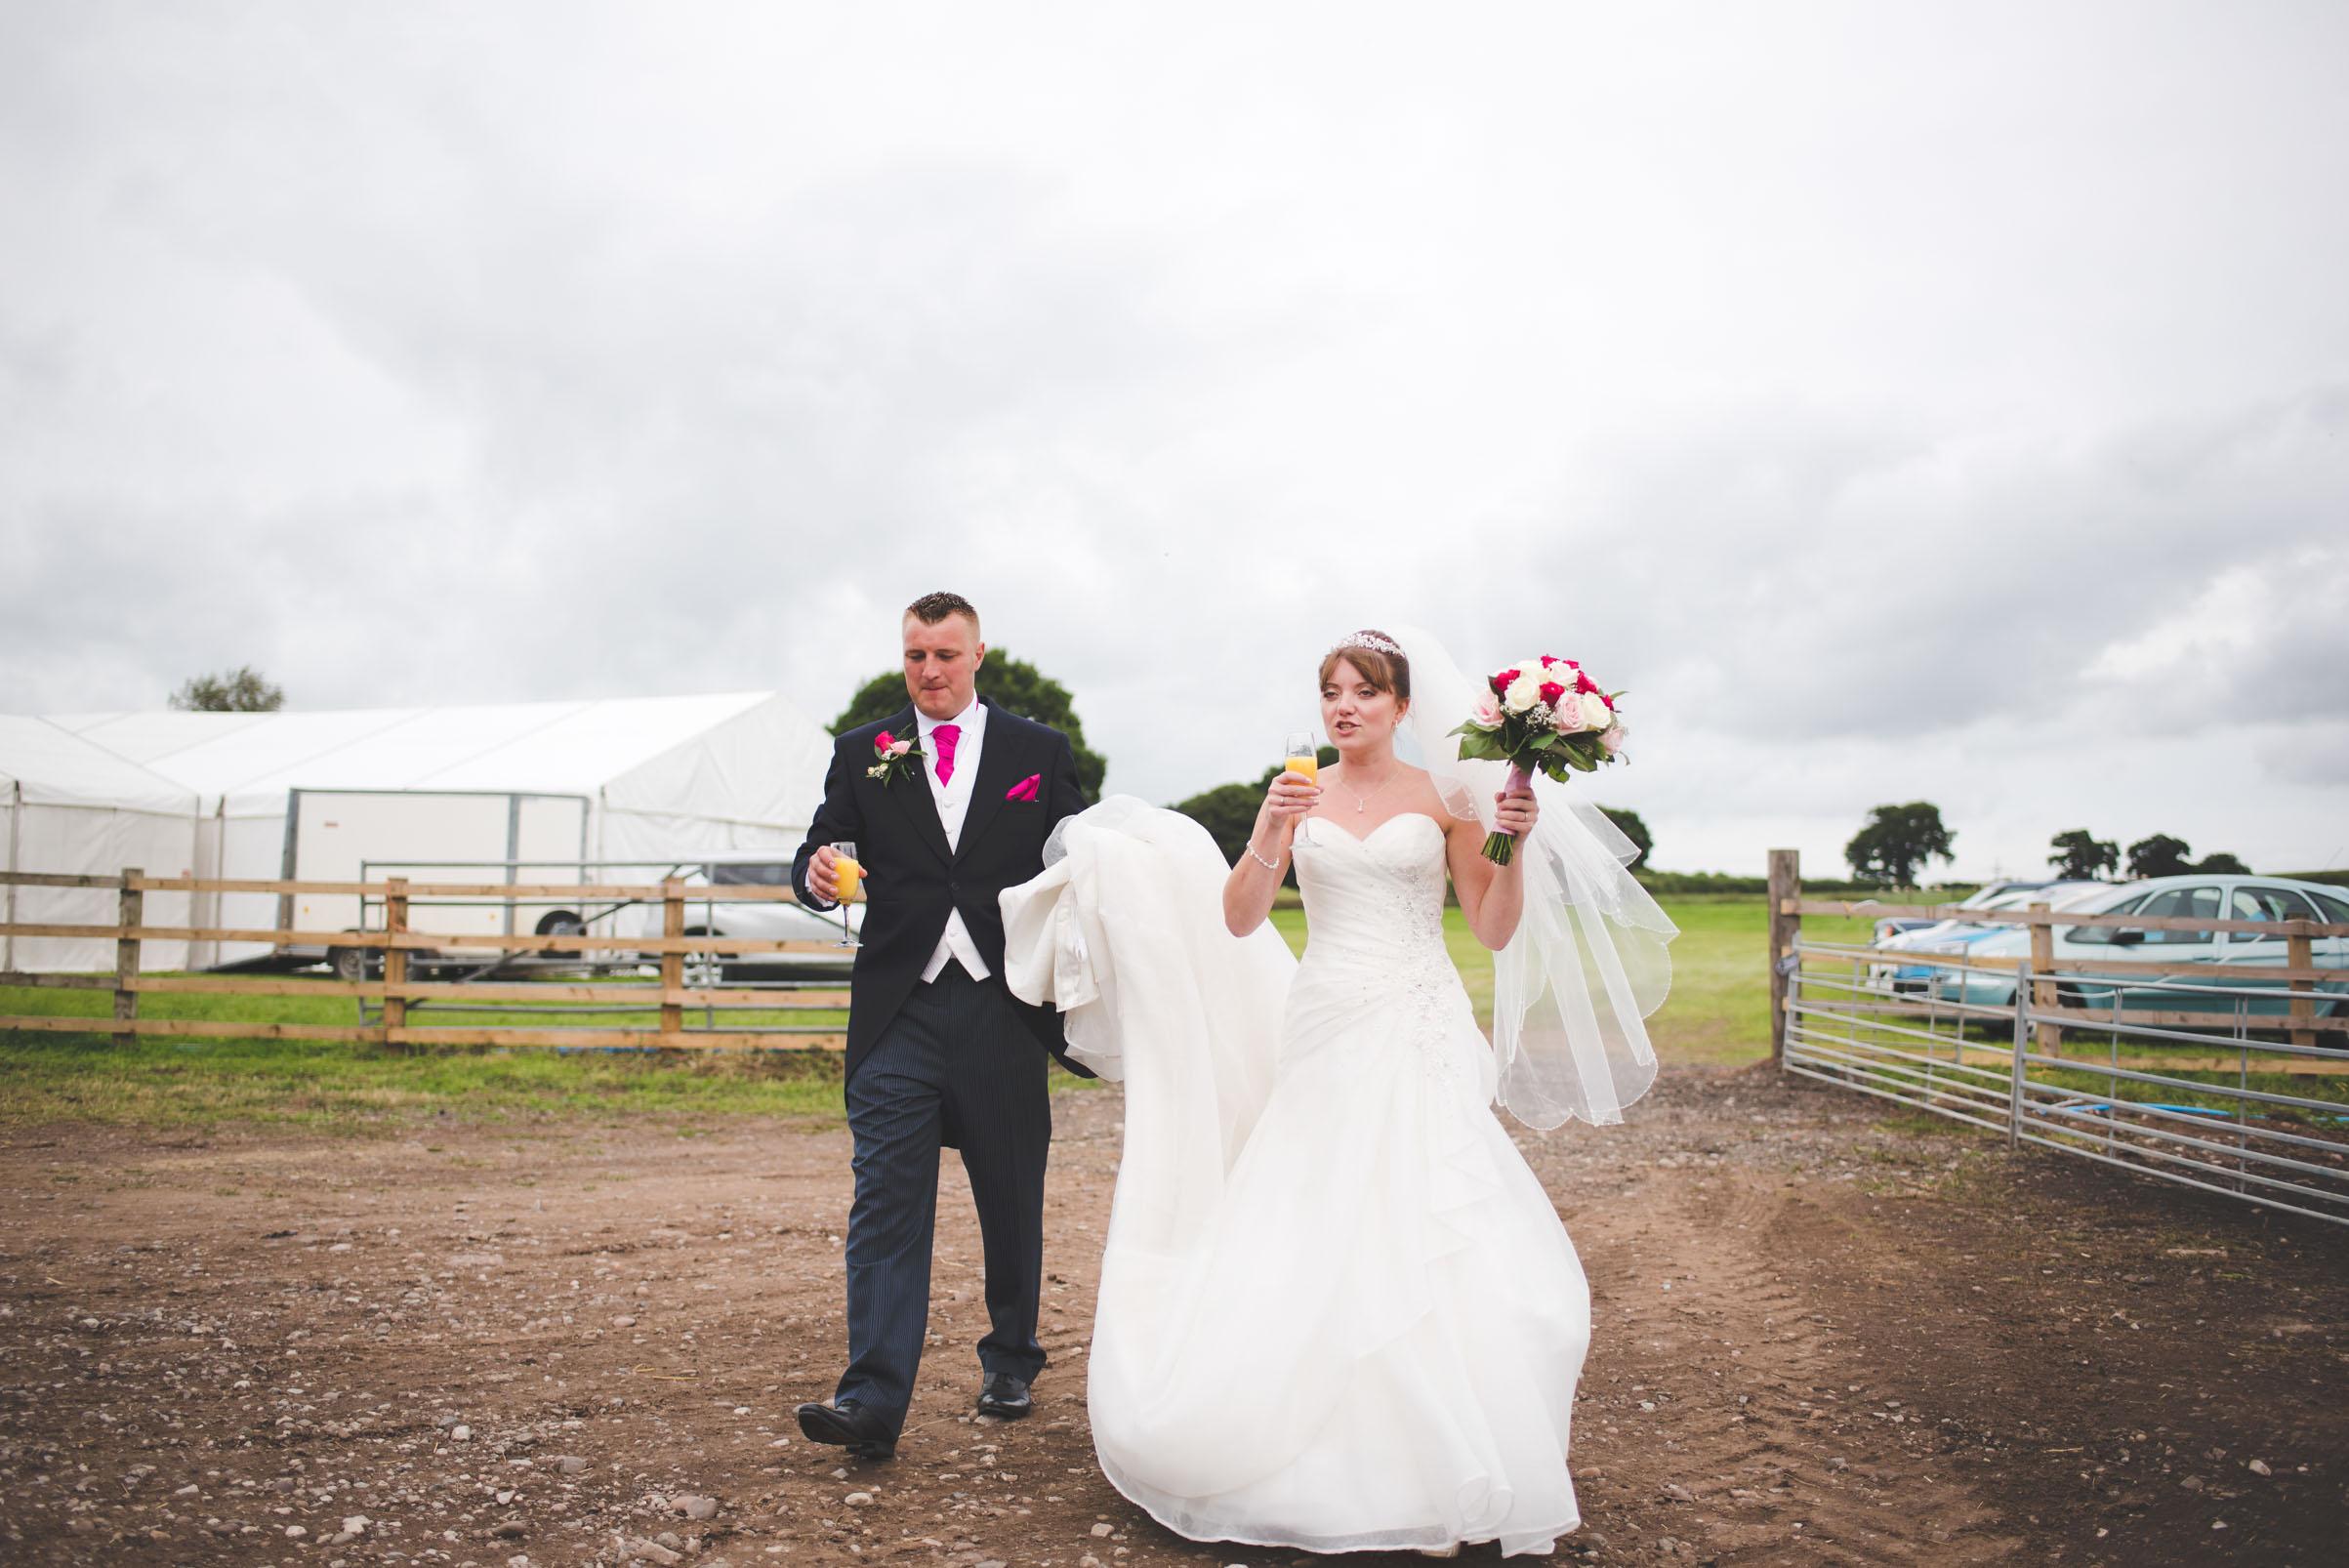 Farm-wedding-staffordshire-st-marys-catholic-church-uttoxter-69.jpg